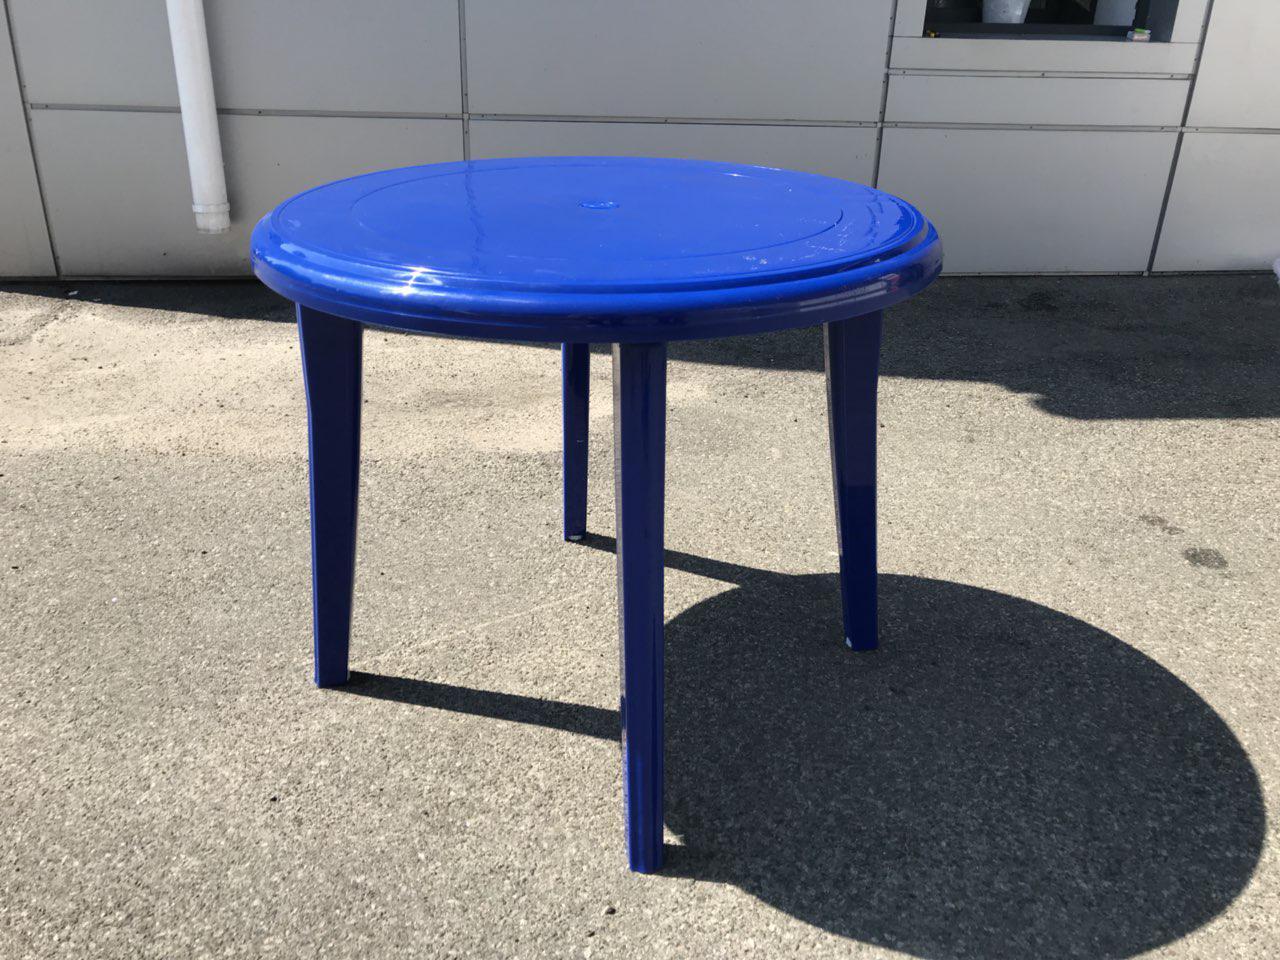 Круглый пластиковый стол для дачи,сада,кафе и т.д. Синий d 90см